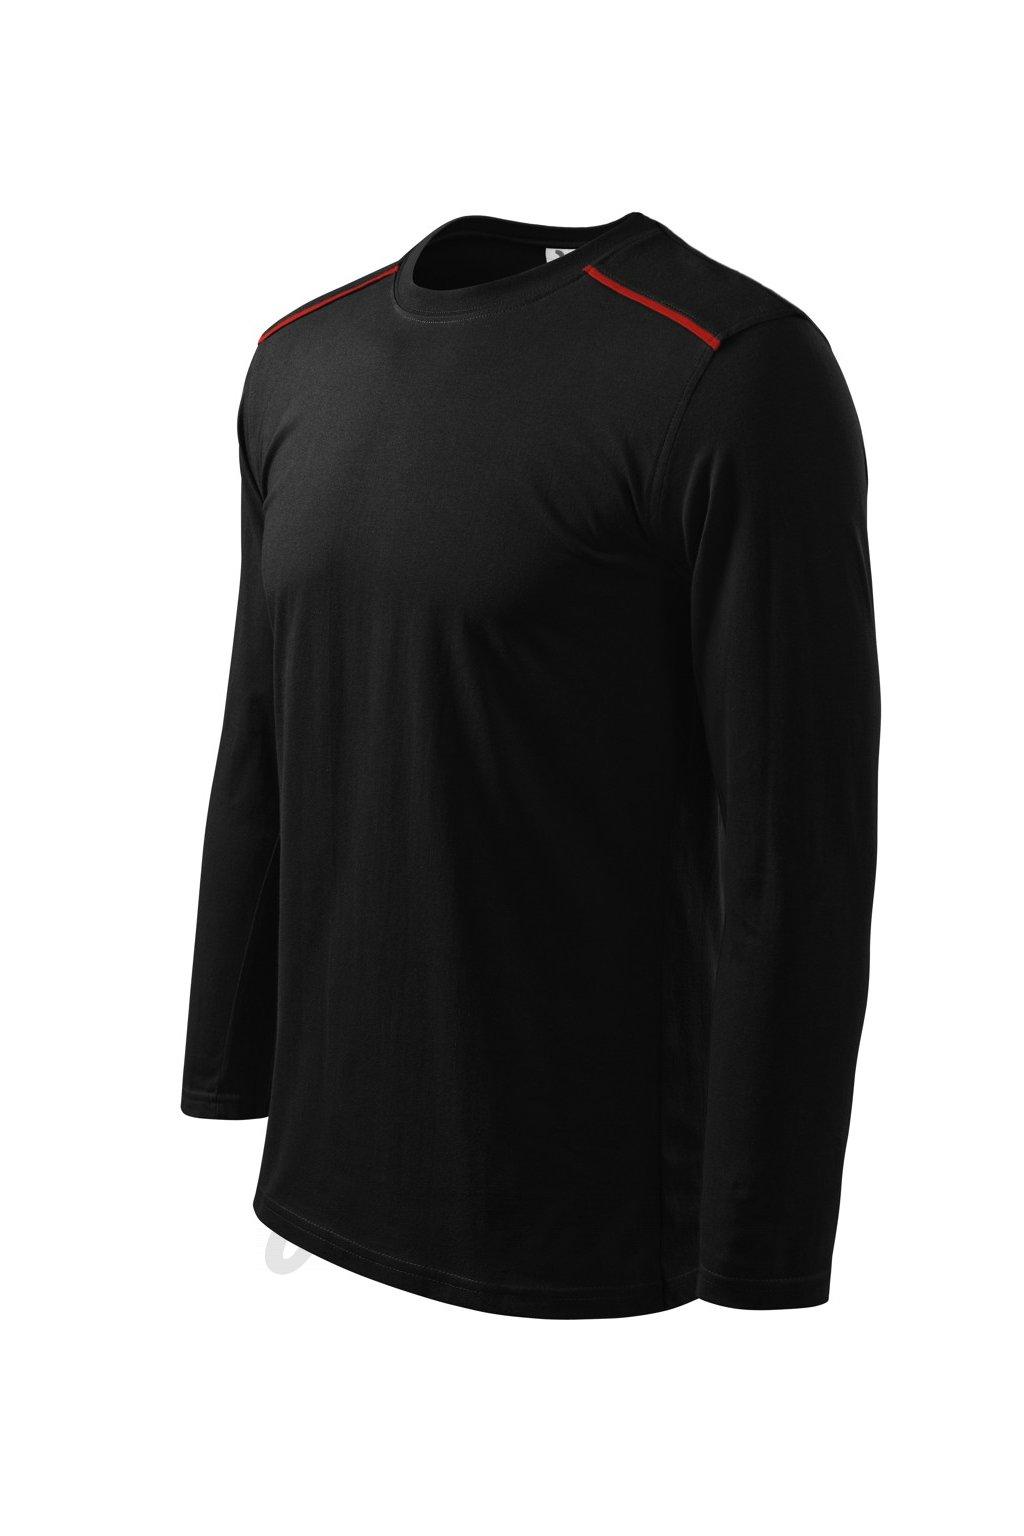 Triko s dlouhým rukávem Long Sleeve černé